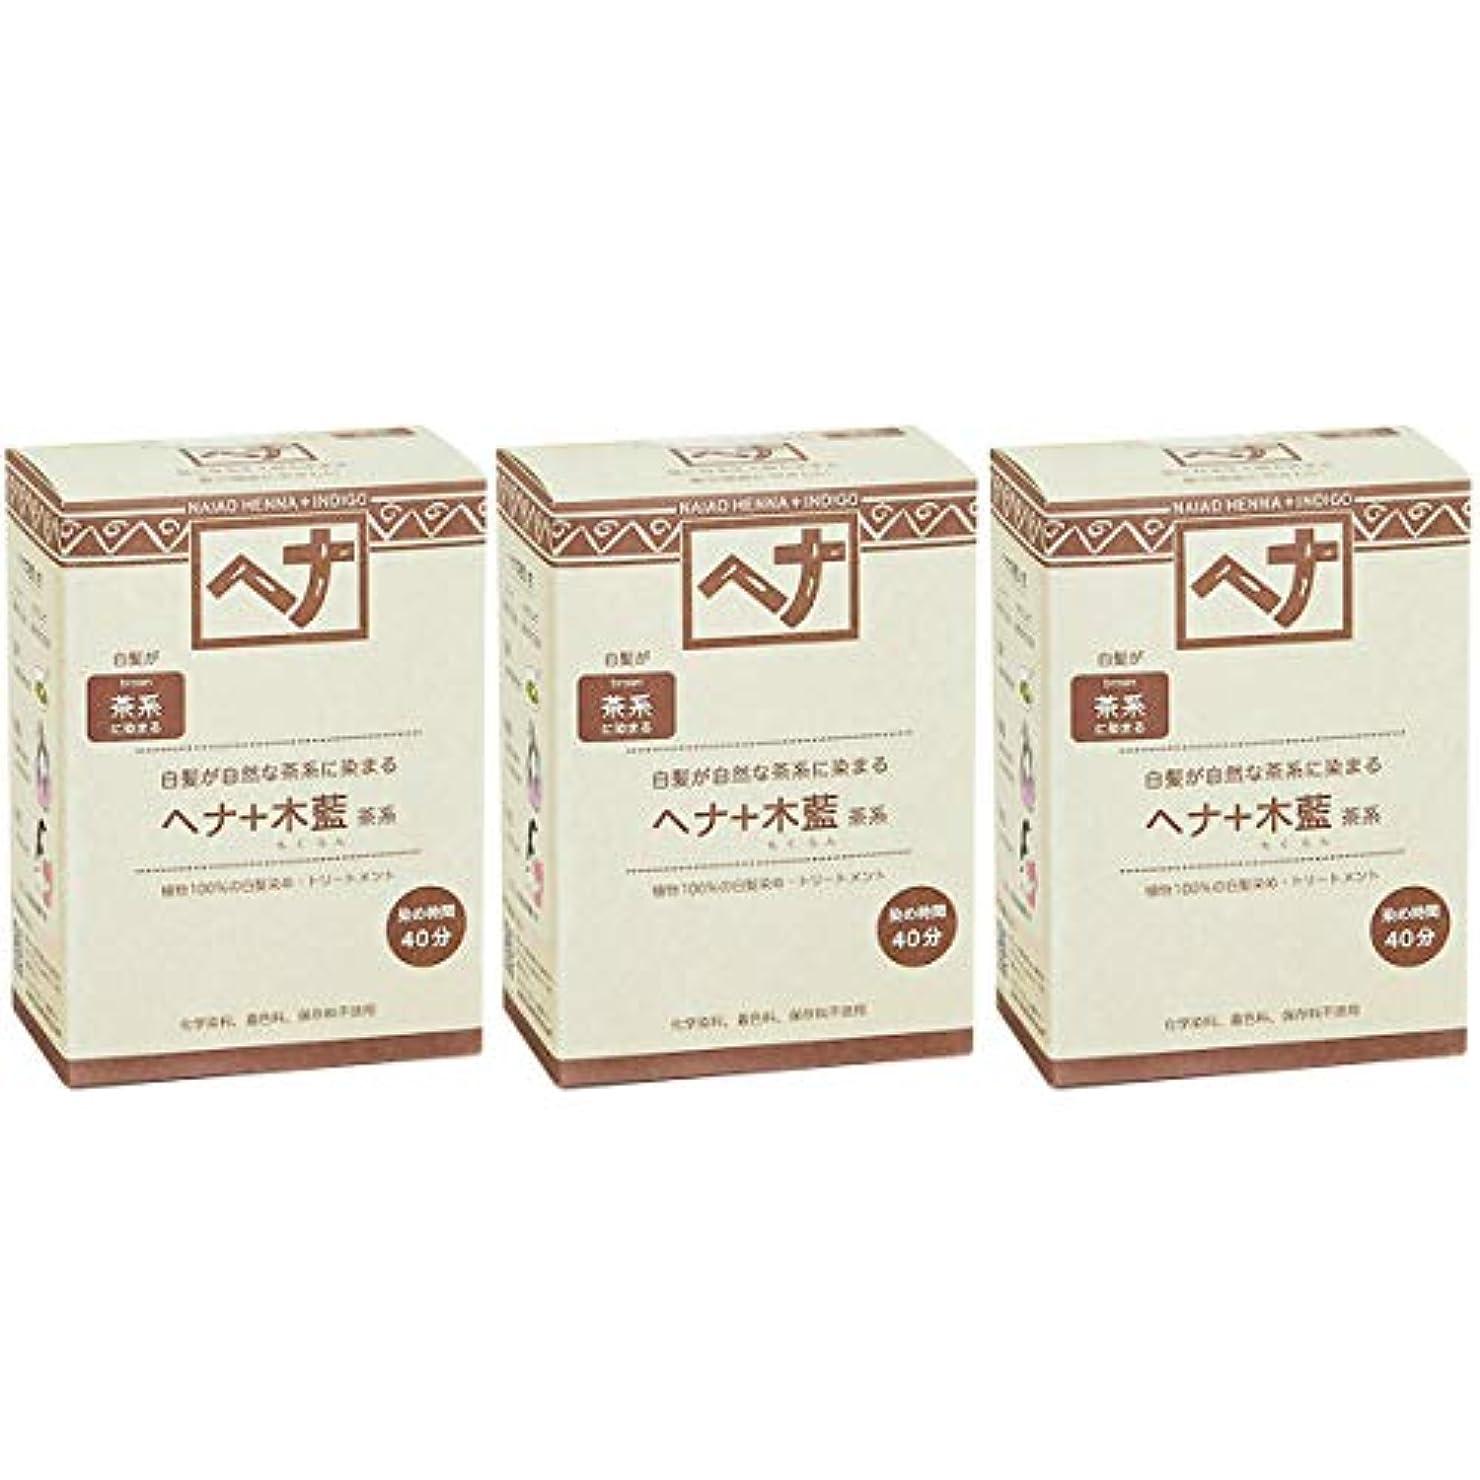 腕ほぼ誘発するナイアード ヘナ + 木藍 茶系 白髪が自然な茶系に染まる 100g 3個セット